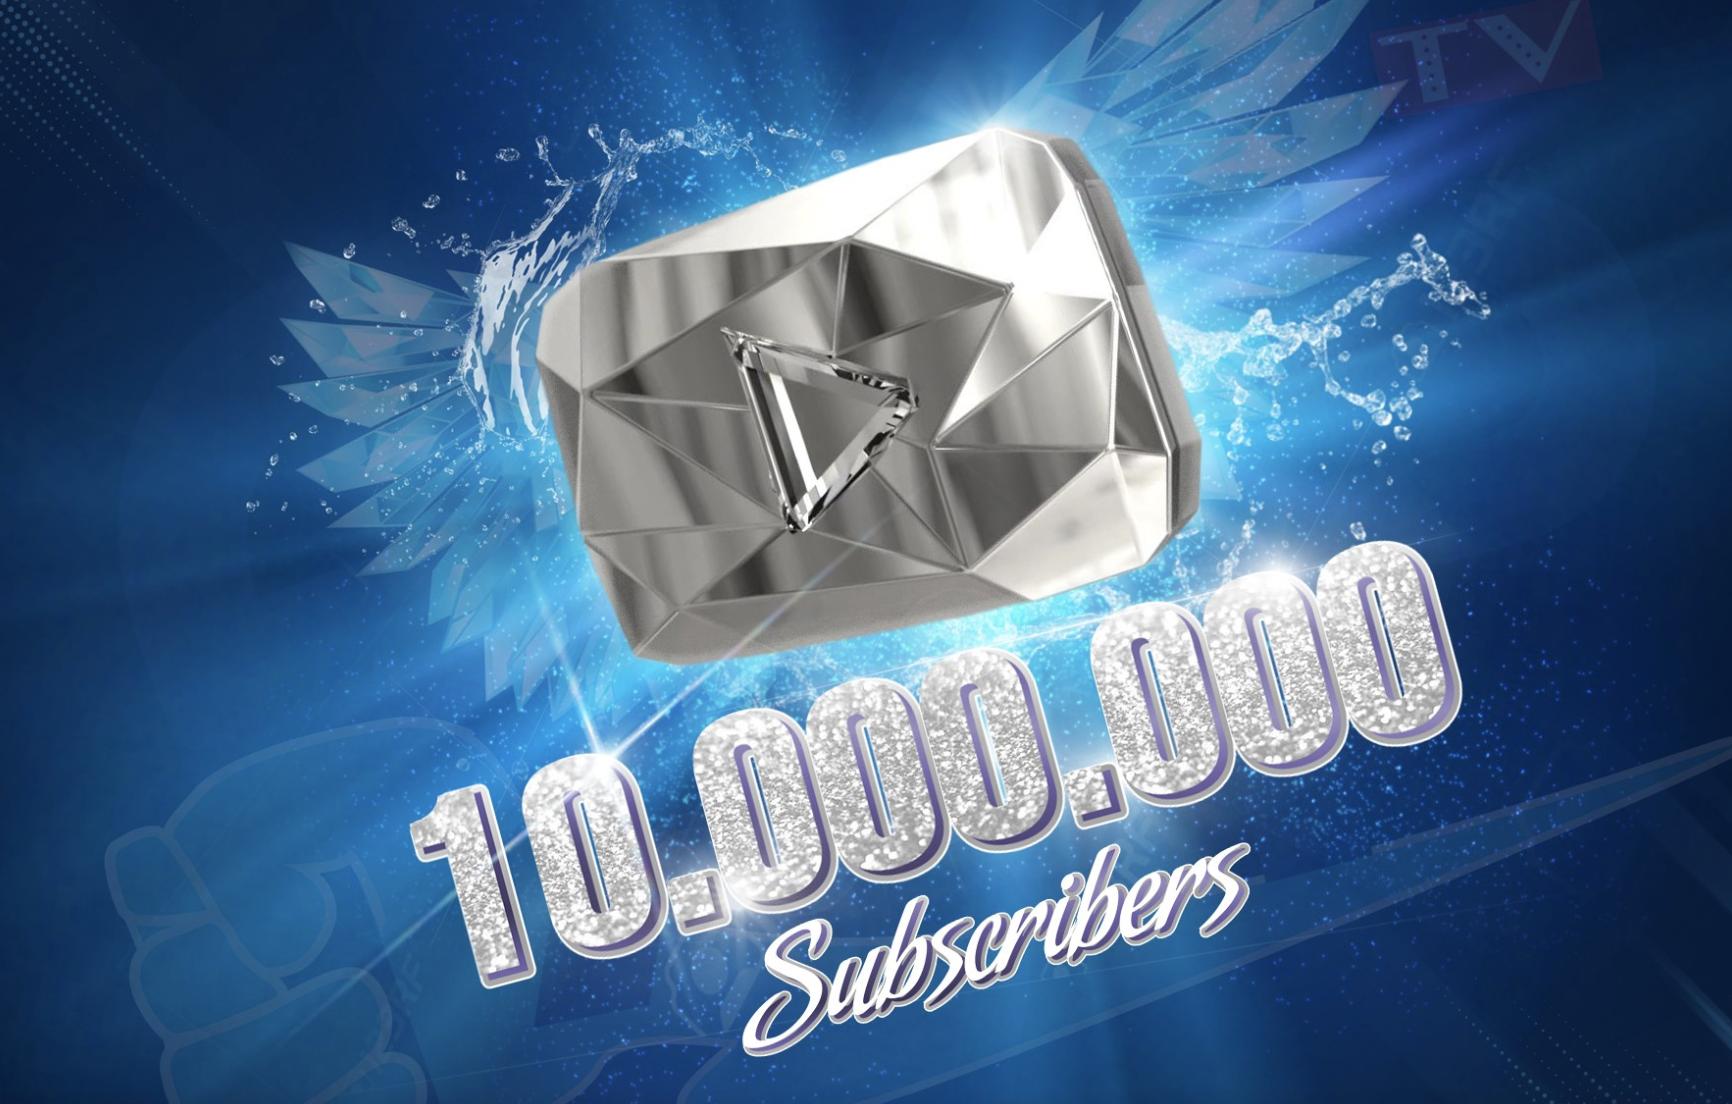 Đã có kênh Youtube đầu tiên tại Việt Nam đạt nút kim cương